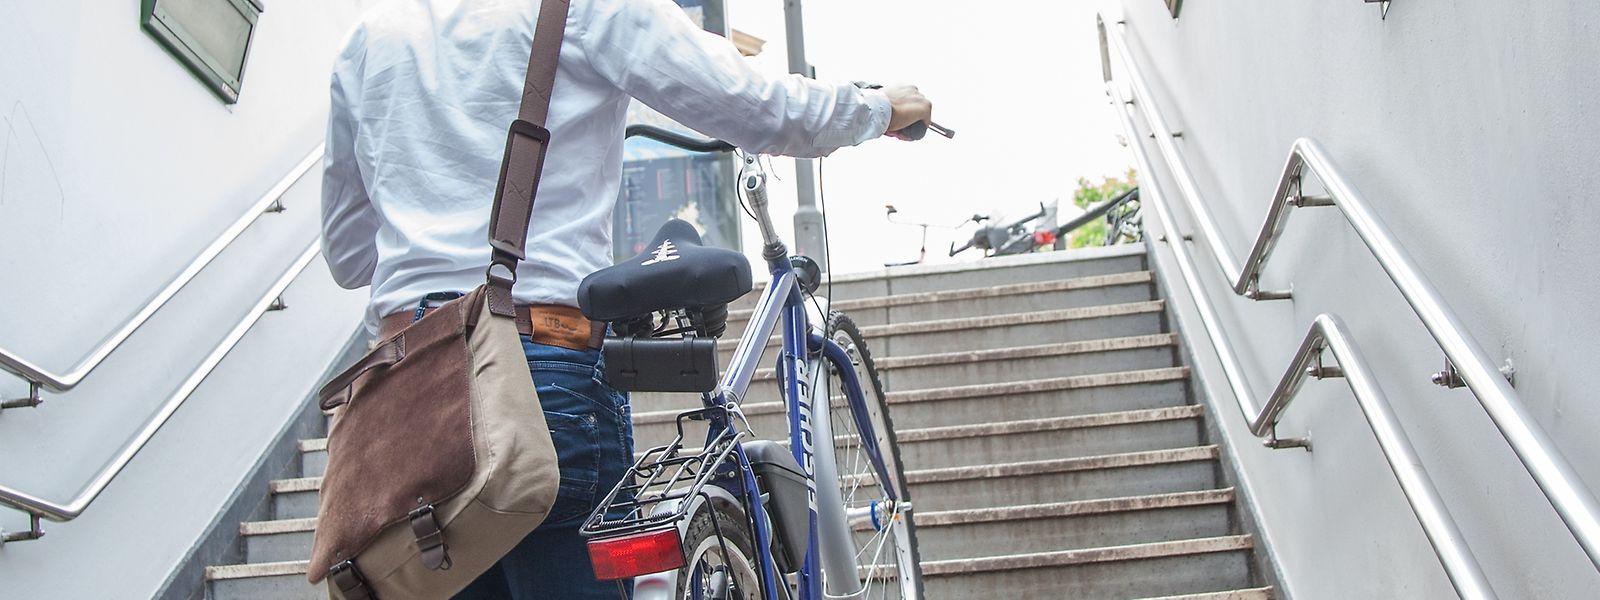 Wer sich auf dem Arbeitsweg bewegt, tut seinem Körper viel Gutes. Treppensteigen trainiert zusätzlich.